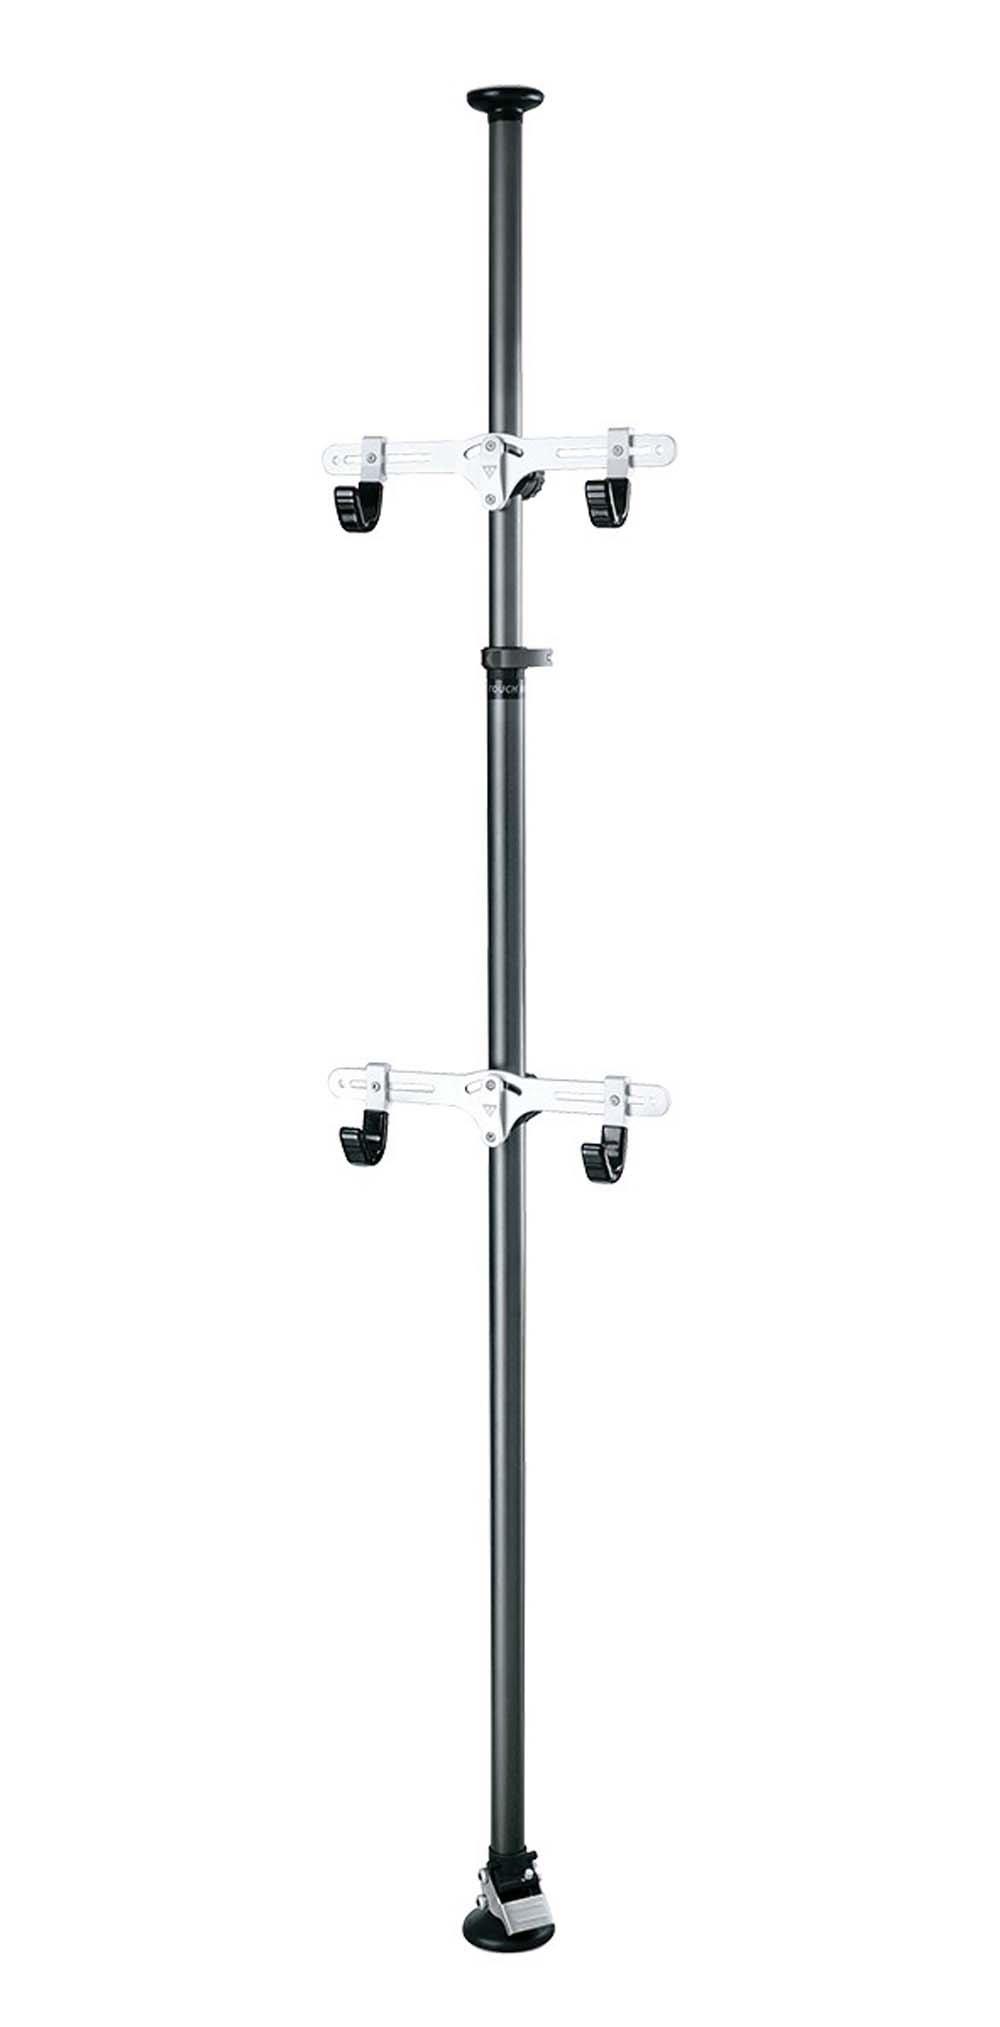 Topeak Dual-Touch Bike Stand